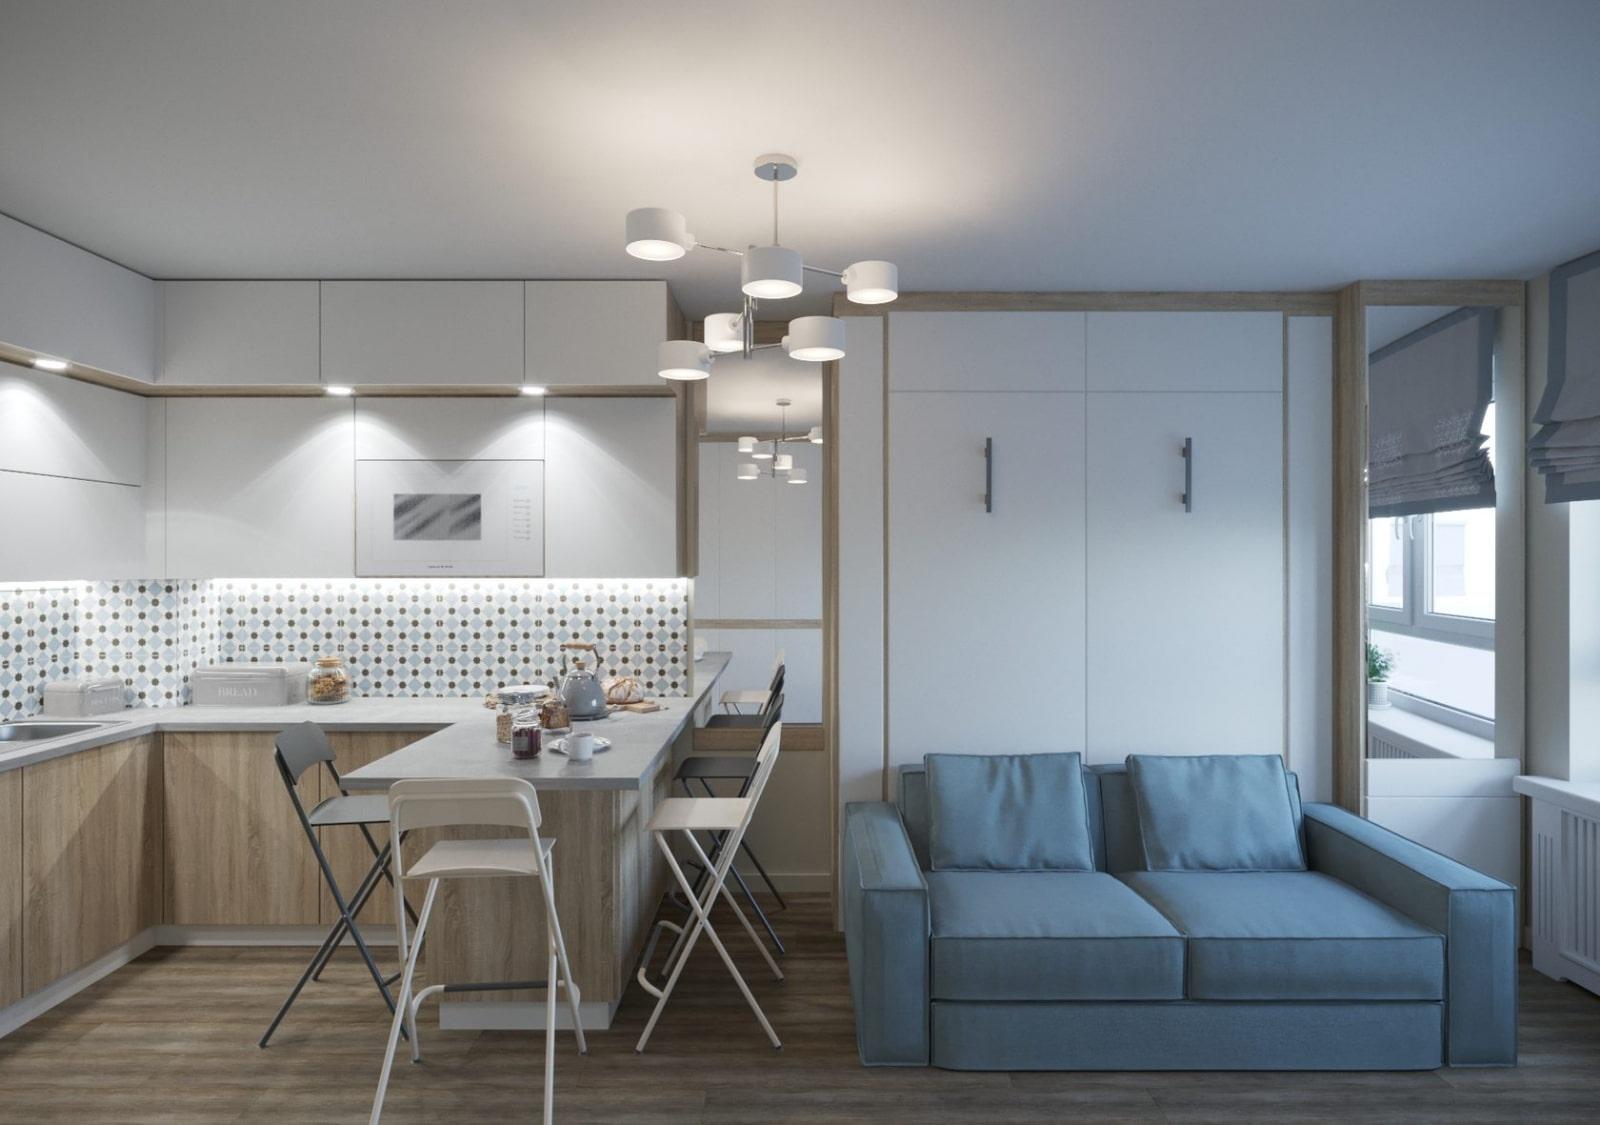 Как обустроить кухню 15 кв. м: фото дизайна и интерьера в современном стиле